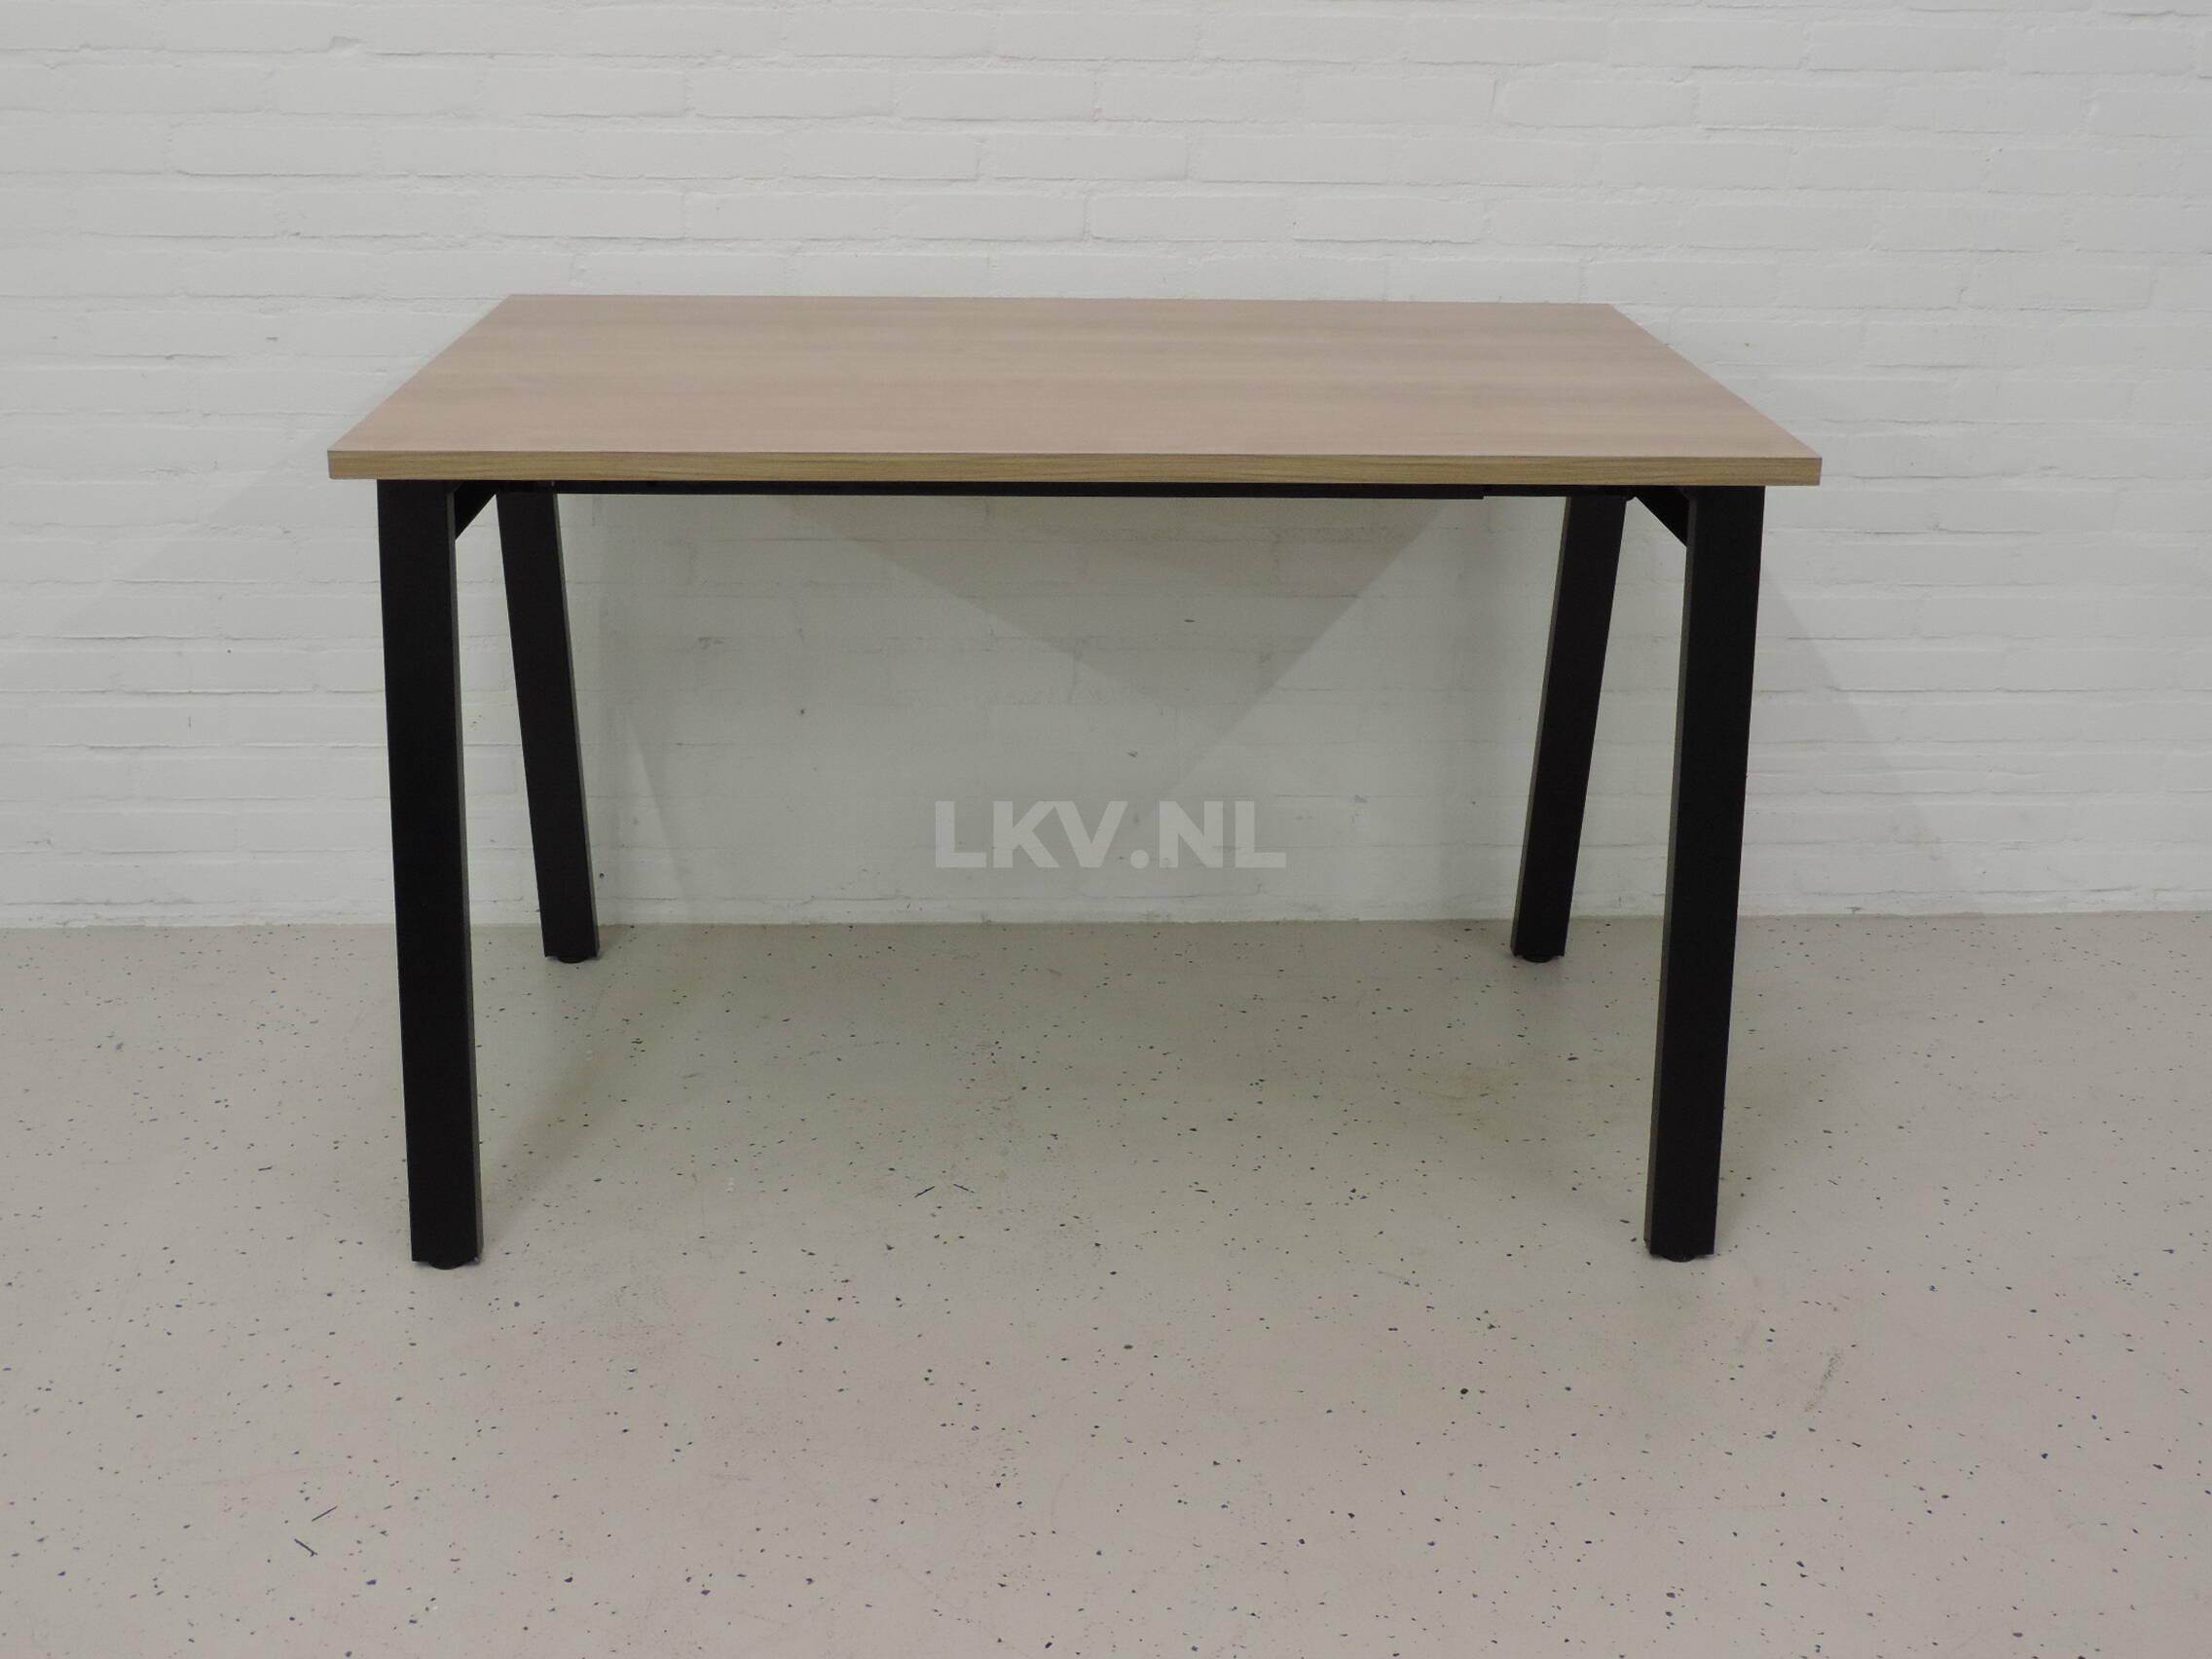 Vierpoottafel zwart / kersen havanna blad - LKV